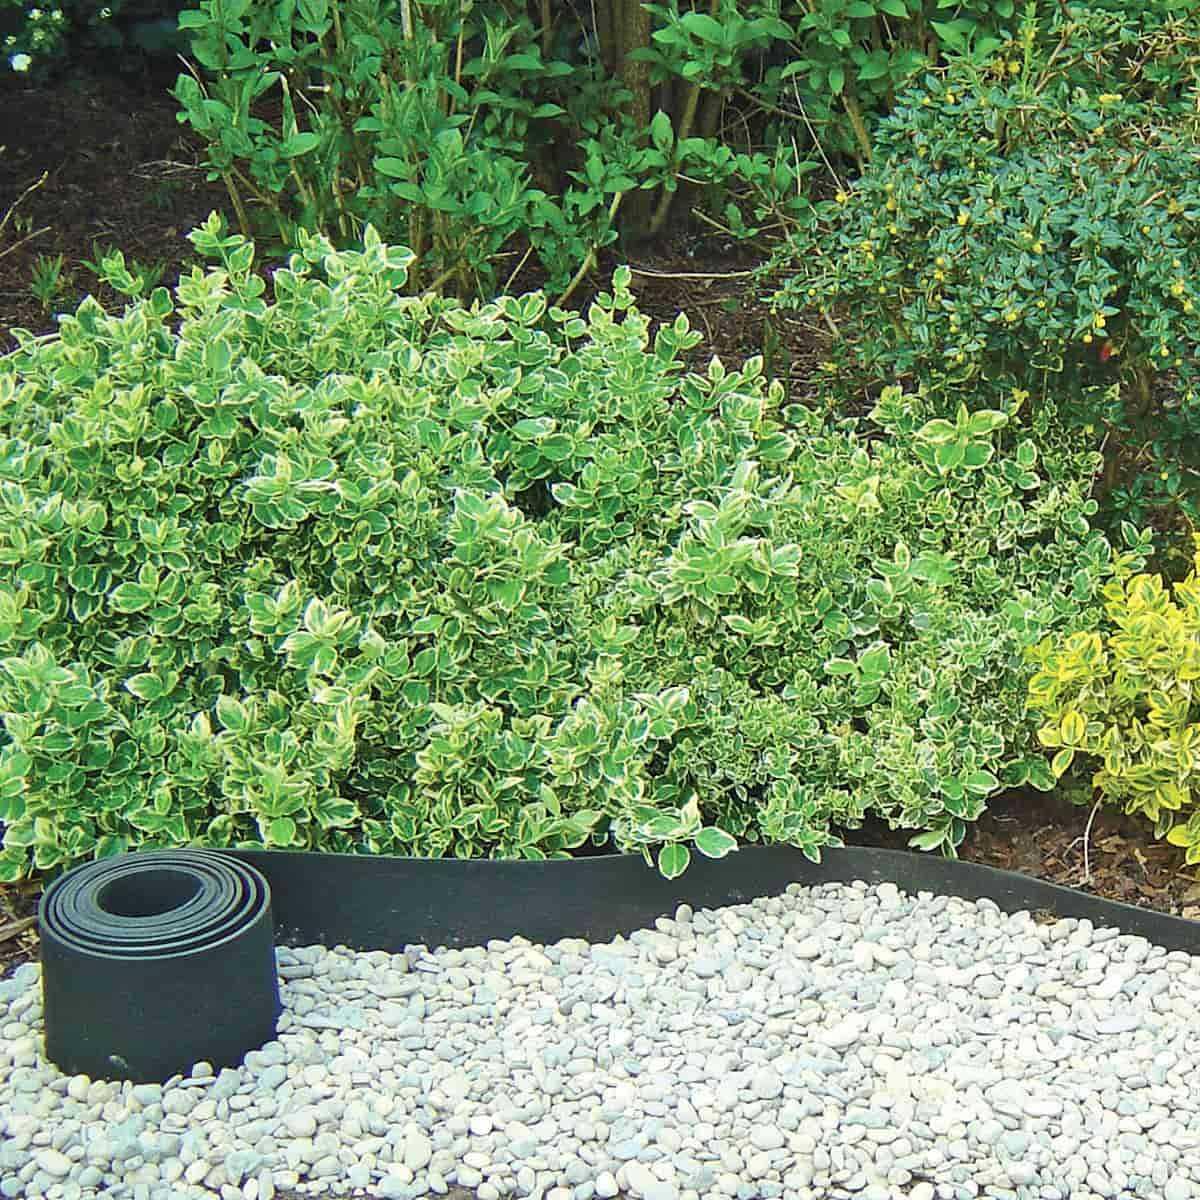 Bordure Caoutchouc Recyclé Gazon 5Mx13Cm pour Faire Une Bordure De Jardin